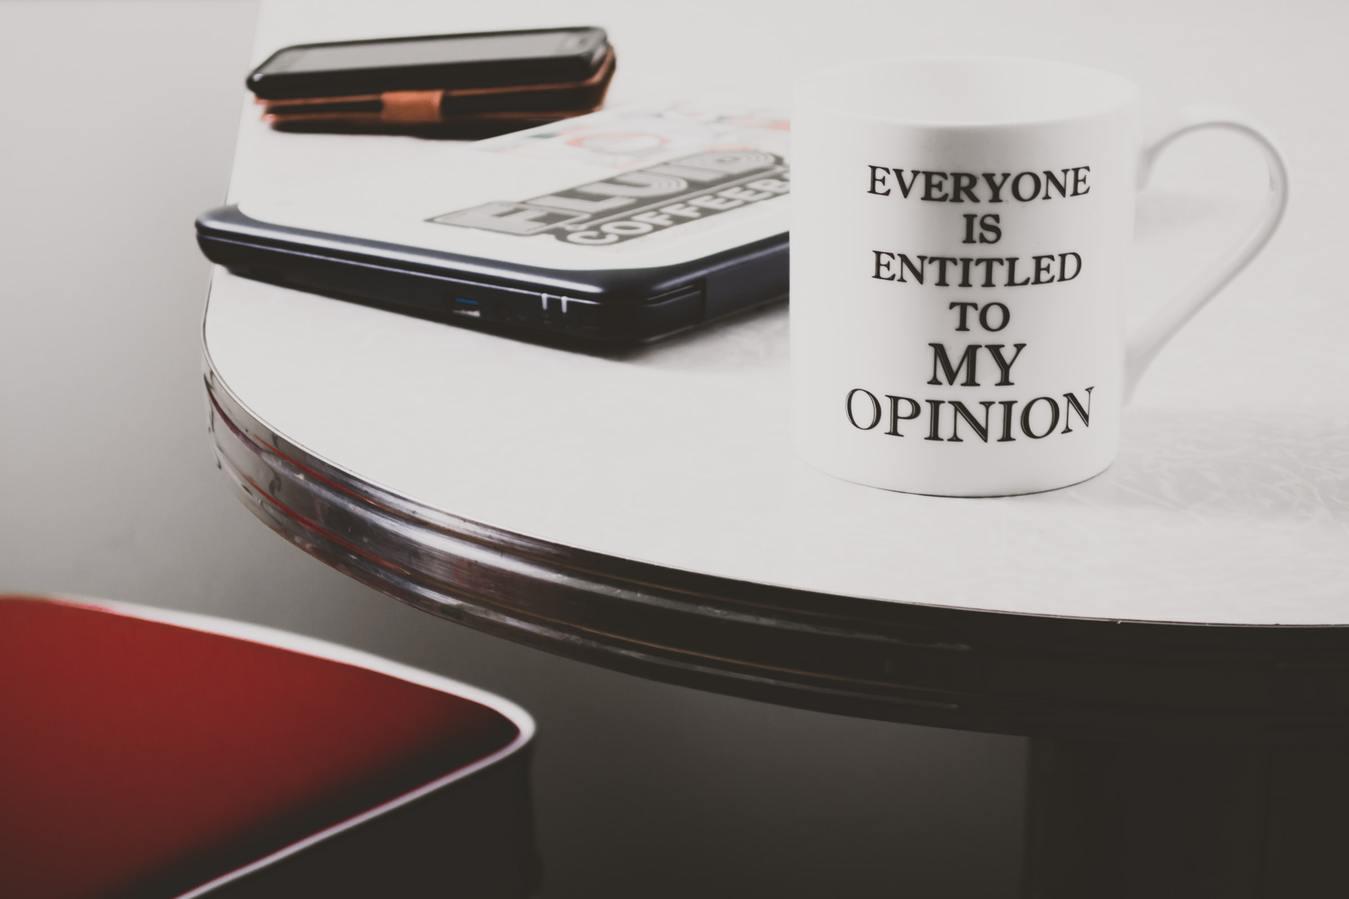 Cita de opinión sobre una taza sobre una mesa